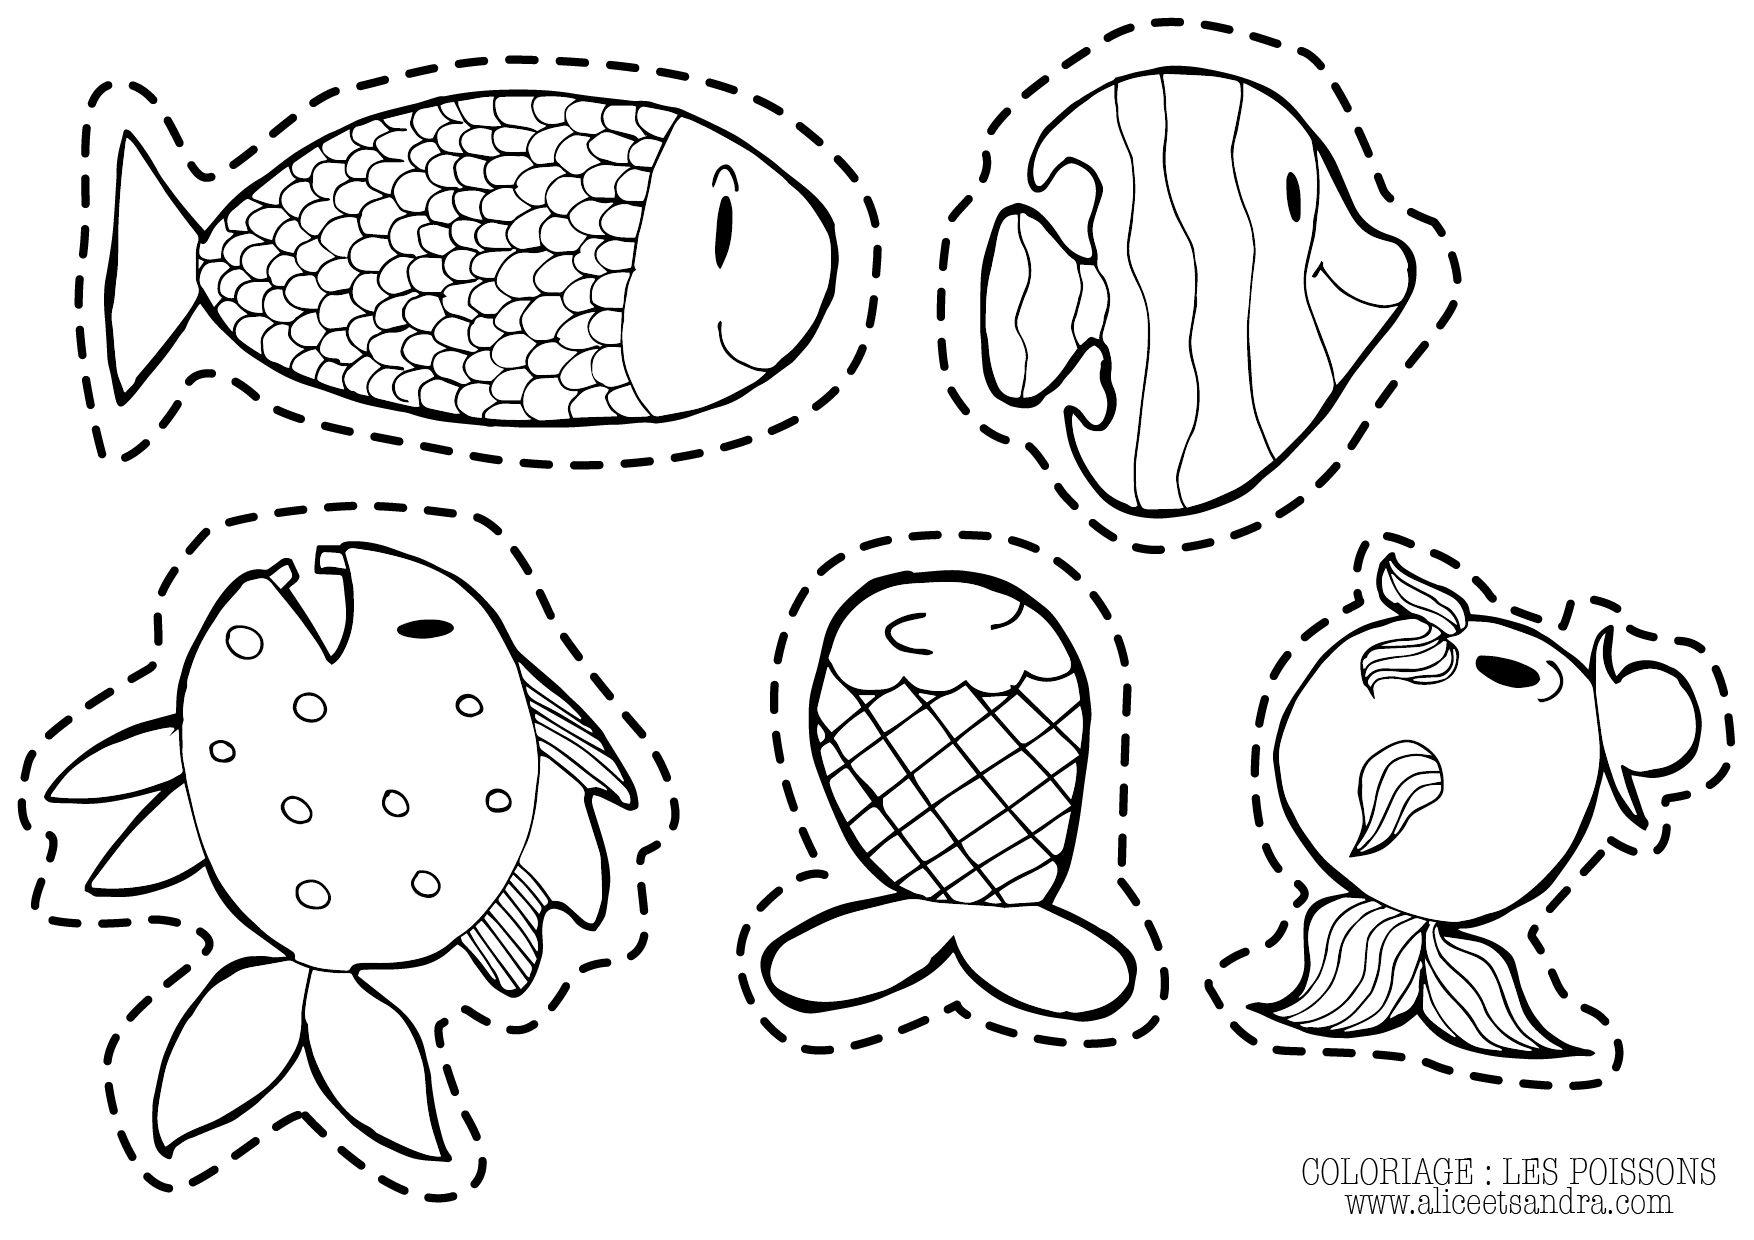 Exceptional dessin a decouper et a imprimer coloriage poisson kids rugs movies online et decor - Coloriage a decouper ...